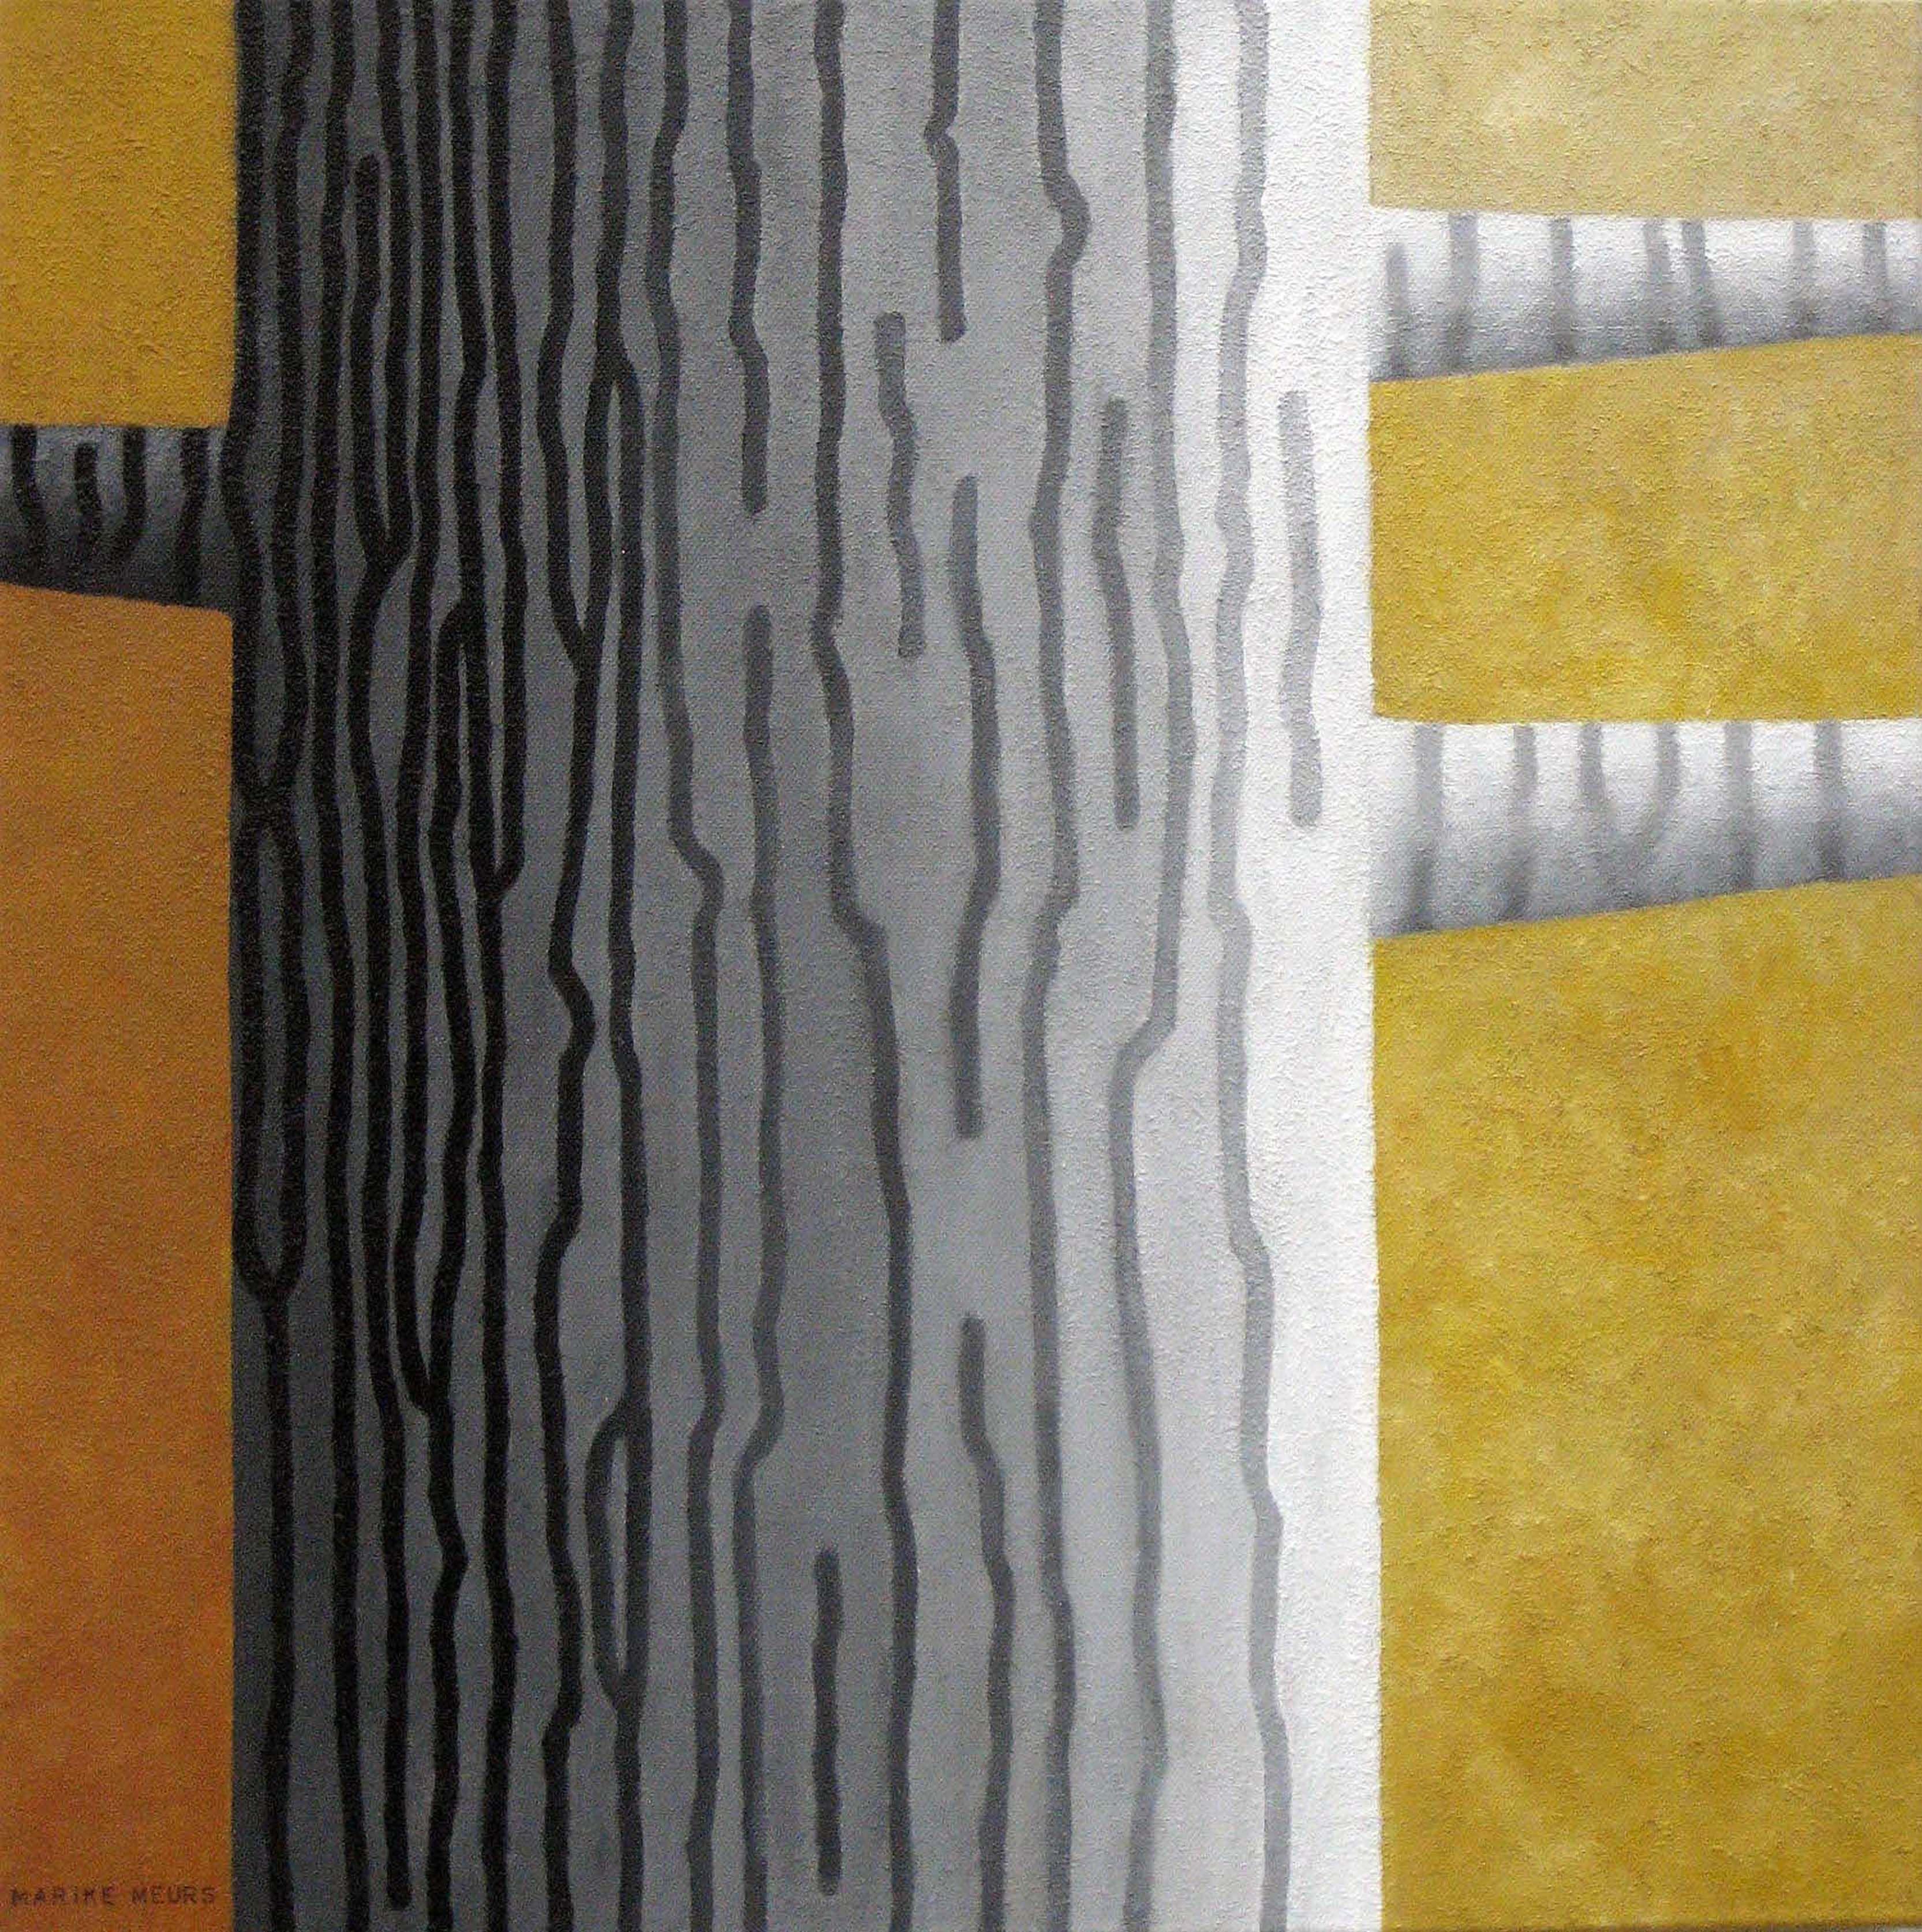 Marike Meurs. Streepjesboom. Uit de serie 'dichter bij bomen' Acryl en zand op doek